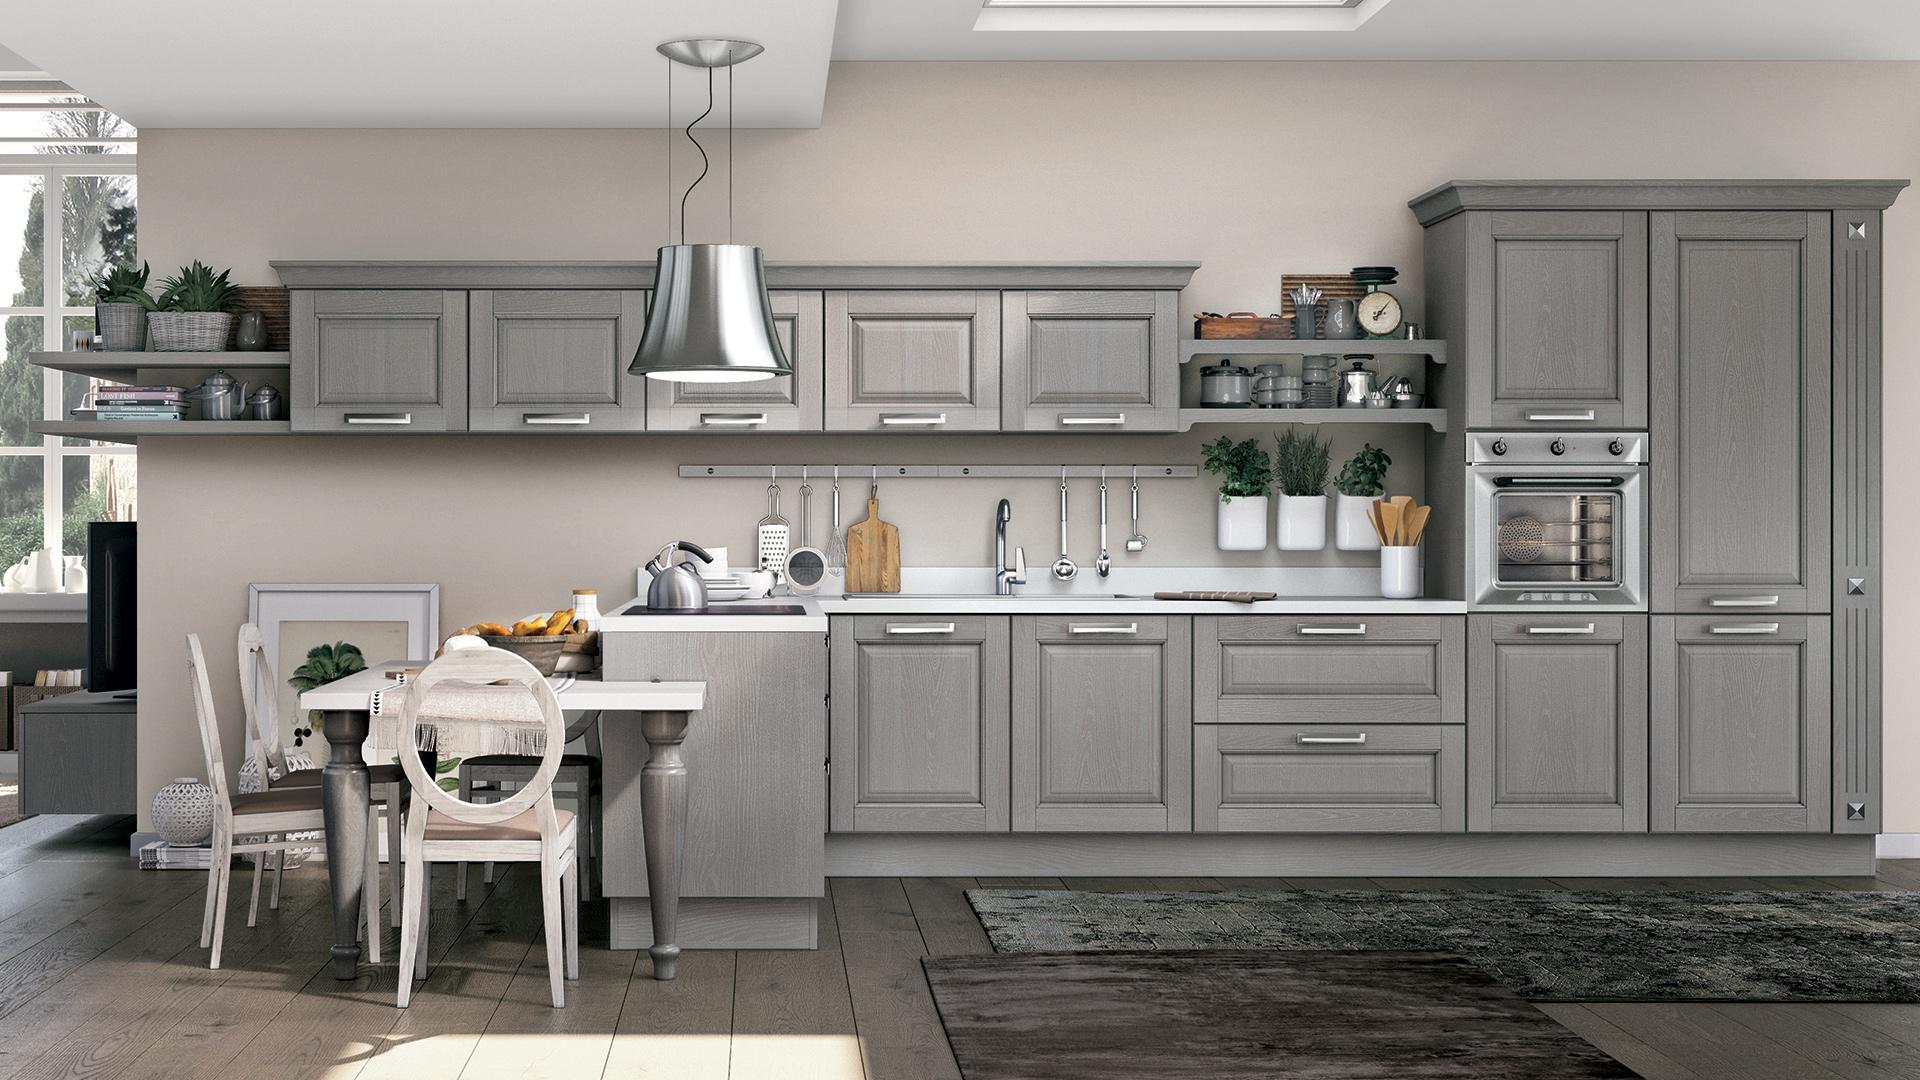 Cucine lube official store arredo spazio casa - Centro cucine lube ...